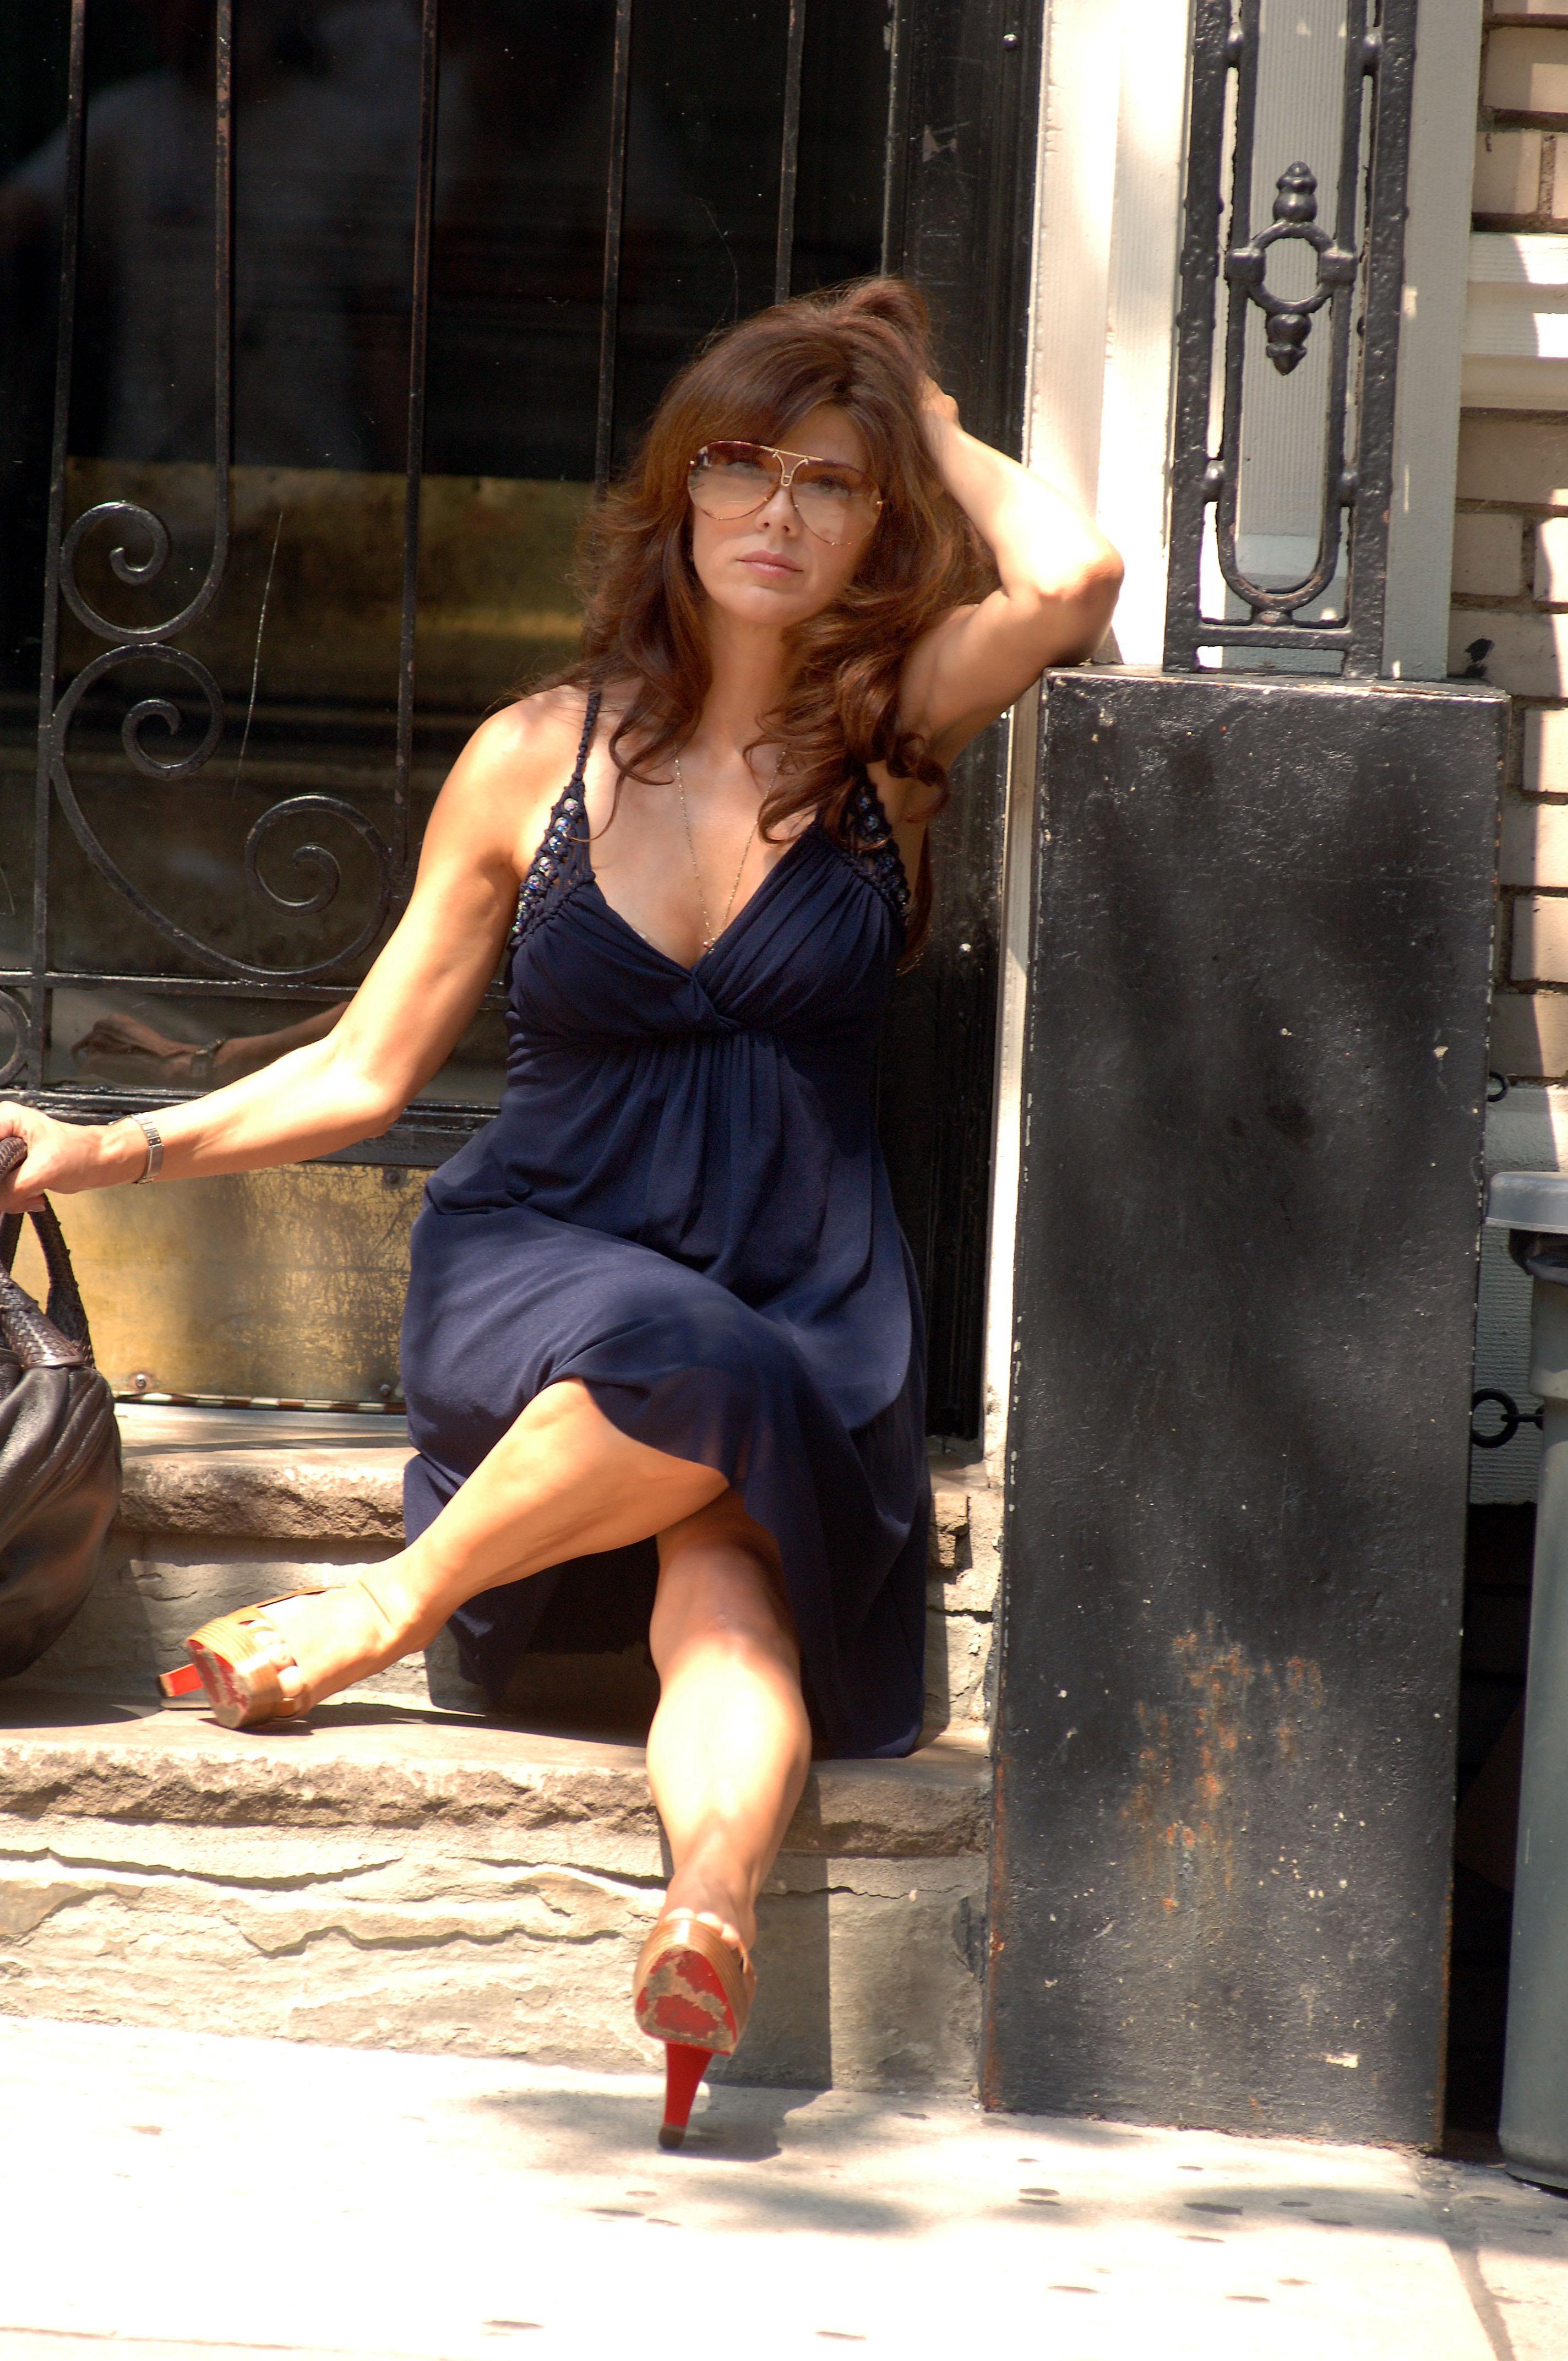 Hot brunette girl nice tits